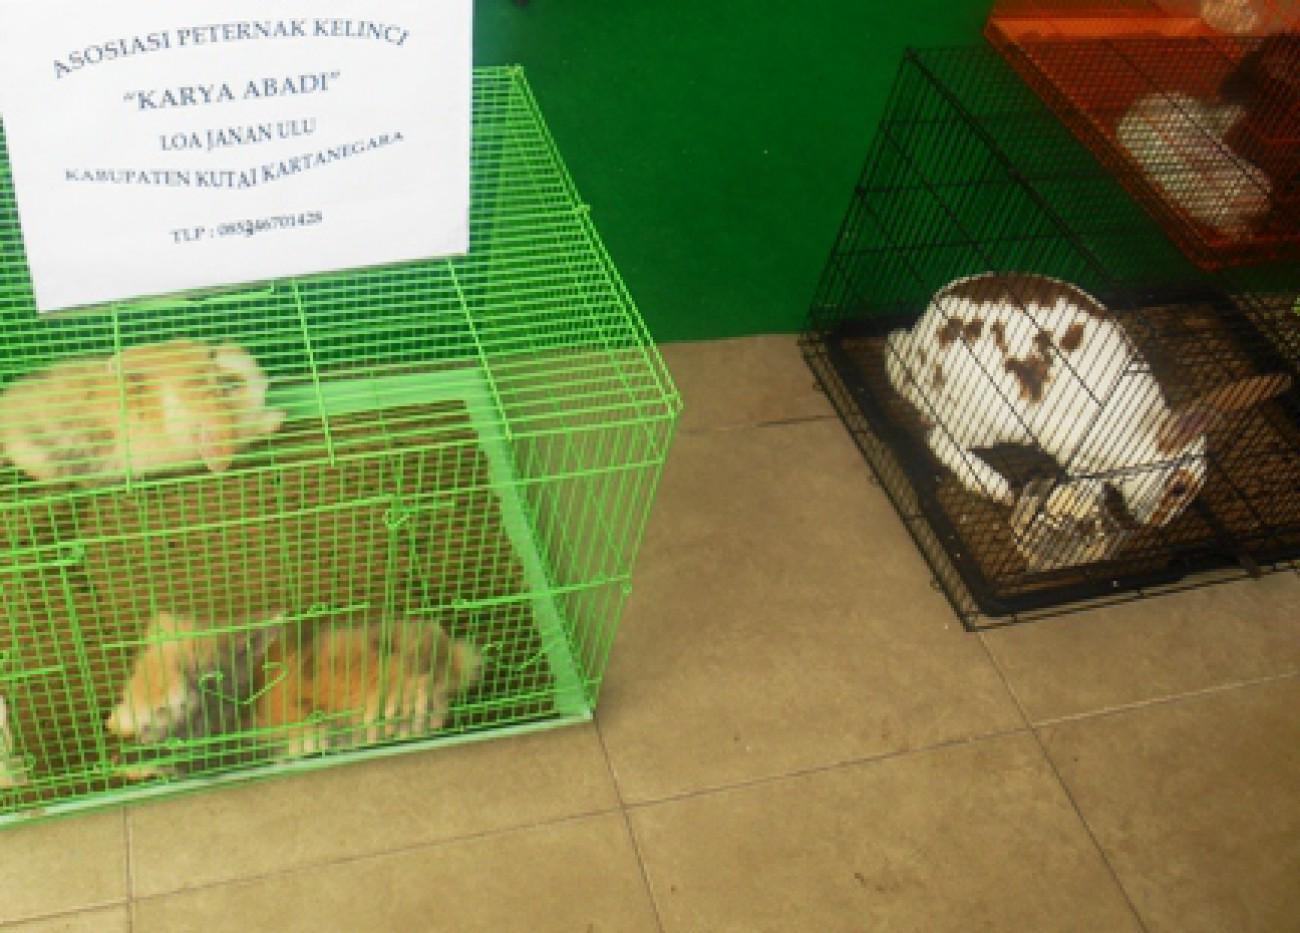 Peternak di Samarinda Dibantu Kembangkan Kelinci